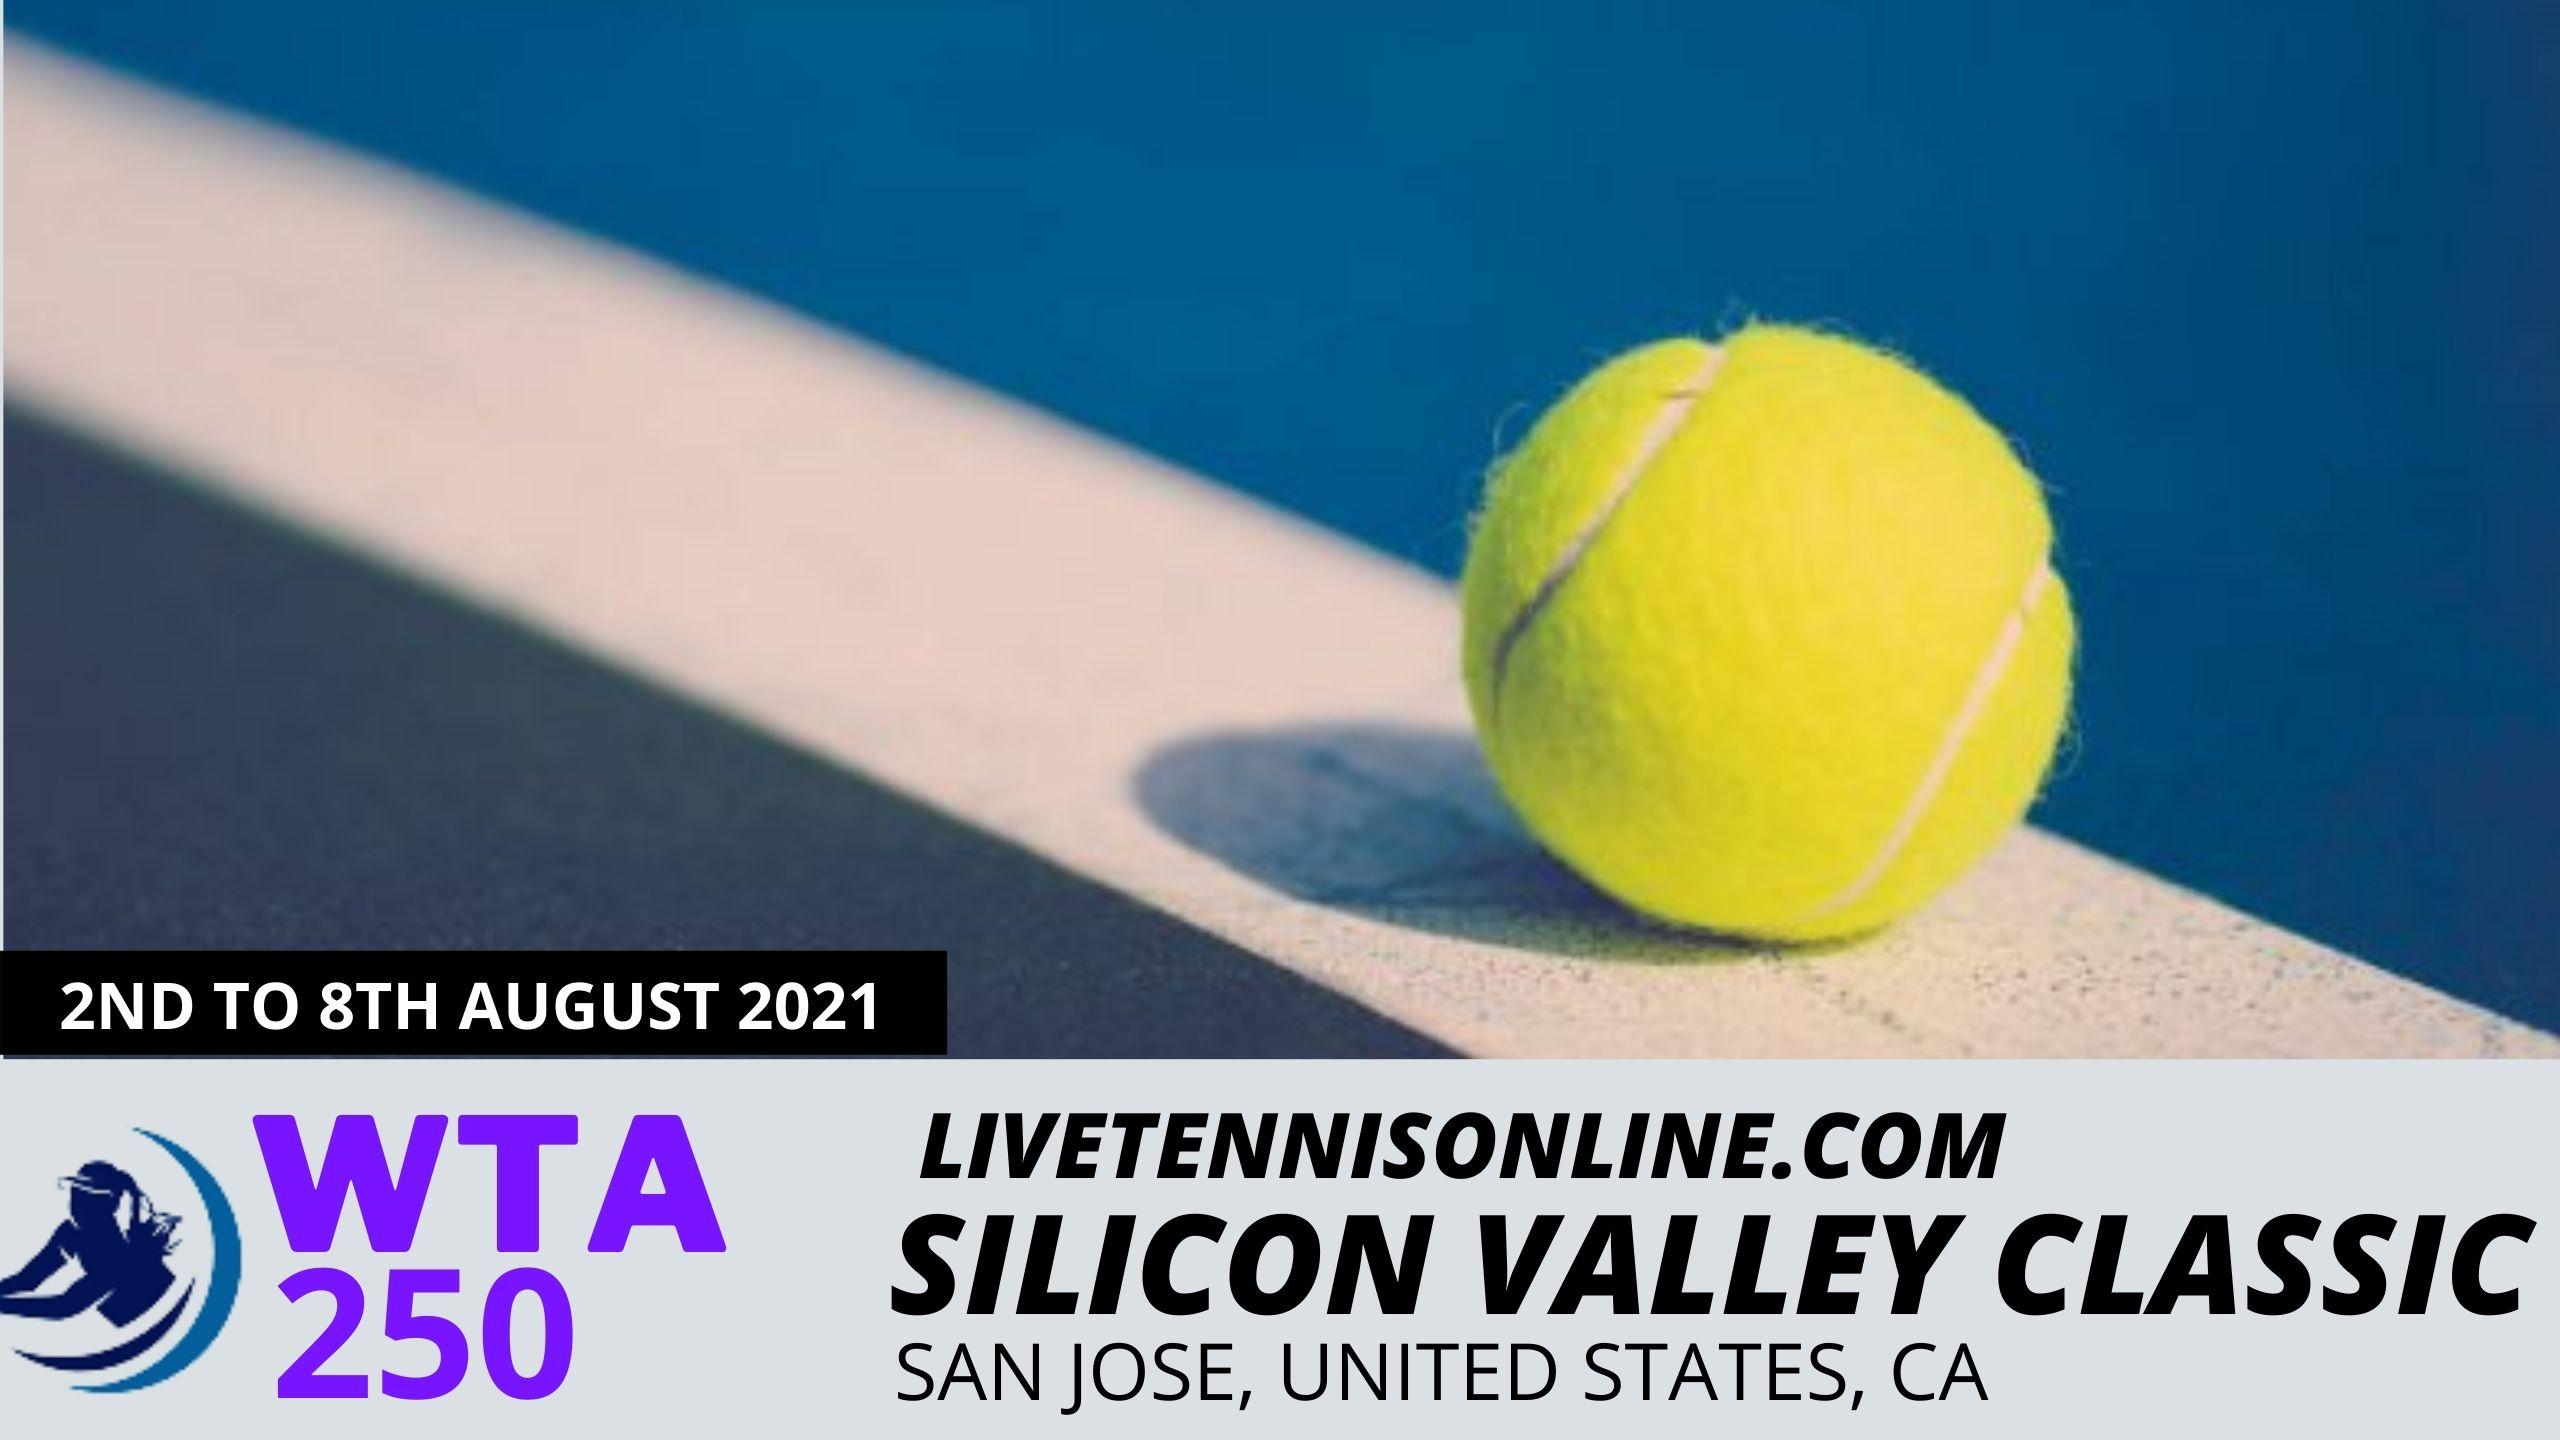 WTA Silicon Valley Classic Live Stream 2021 | Day 2